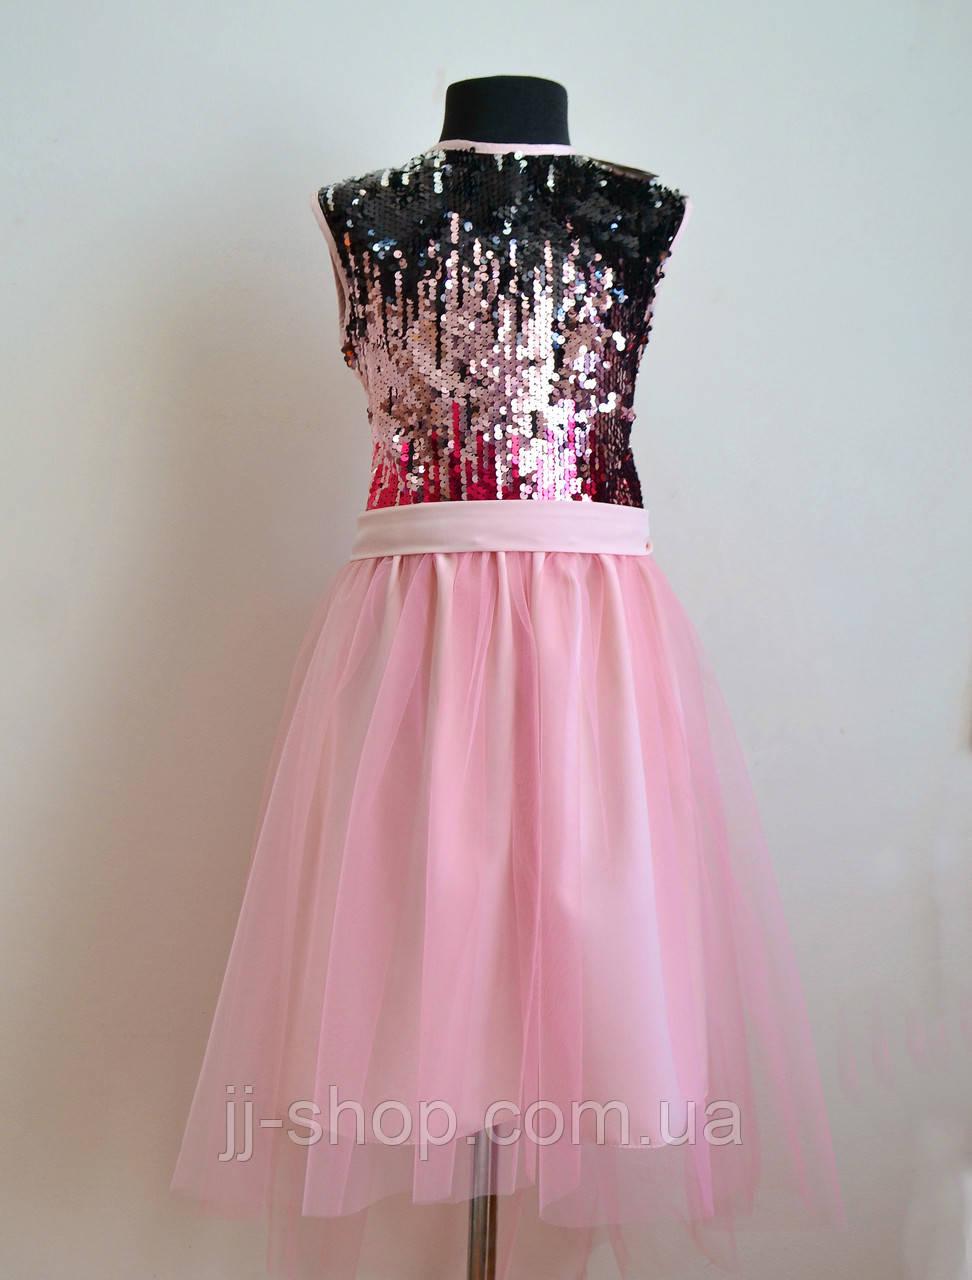 b014d446a29 Нарядное детское платье для девочки пышное с пайетками 146 - jj-shop -  Детская одежда